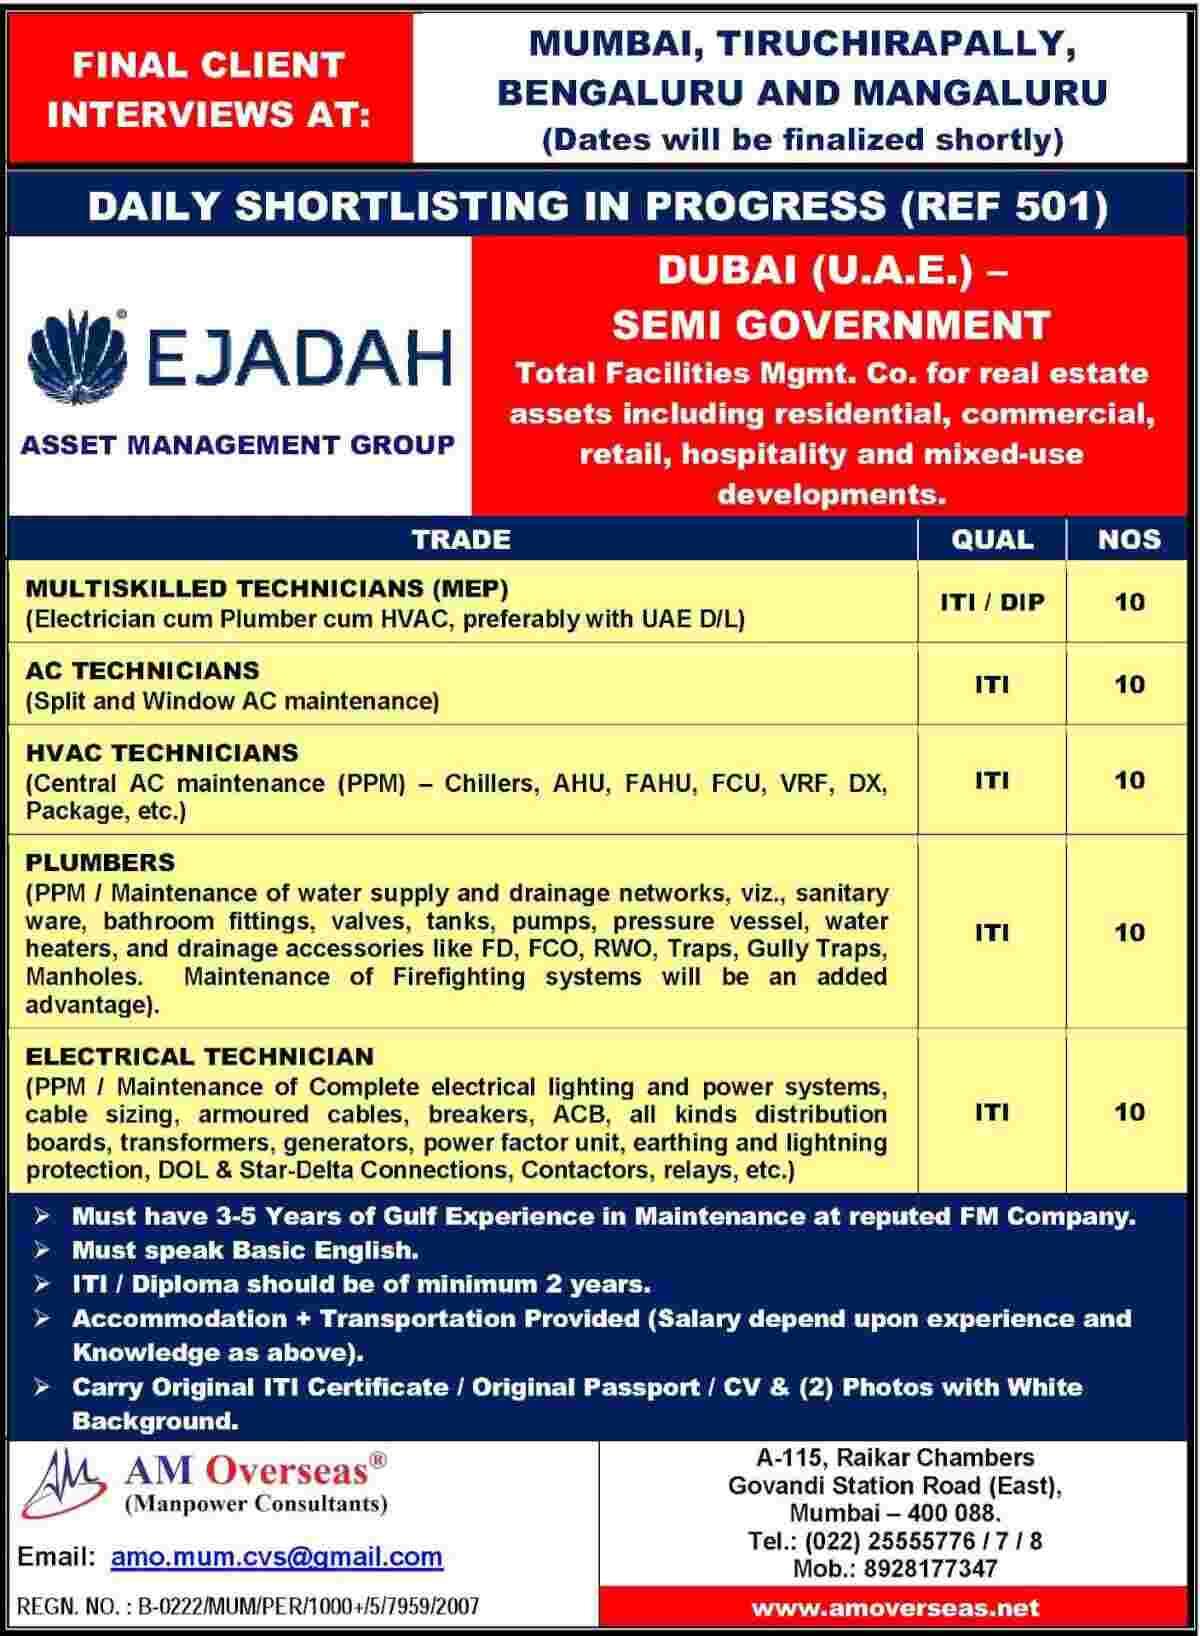 Gulf jobs | Hiring for EJADAH Asset management group Dubai